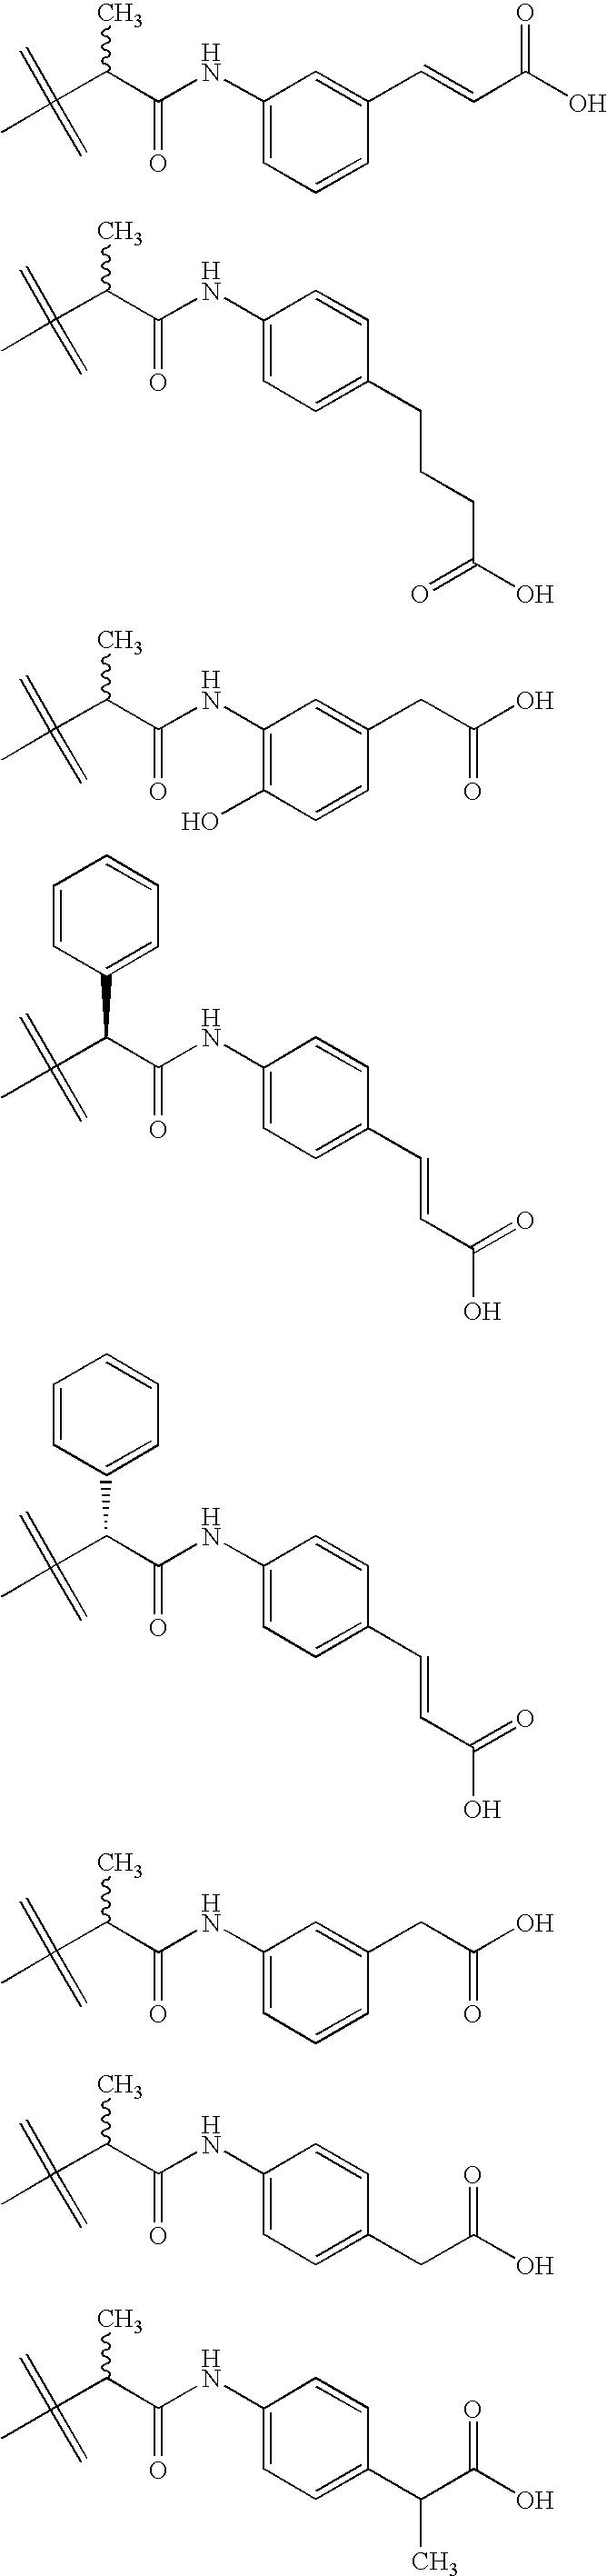 Figure US20070049593A1-20070301-C00135